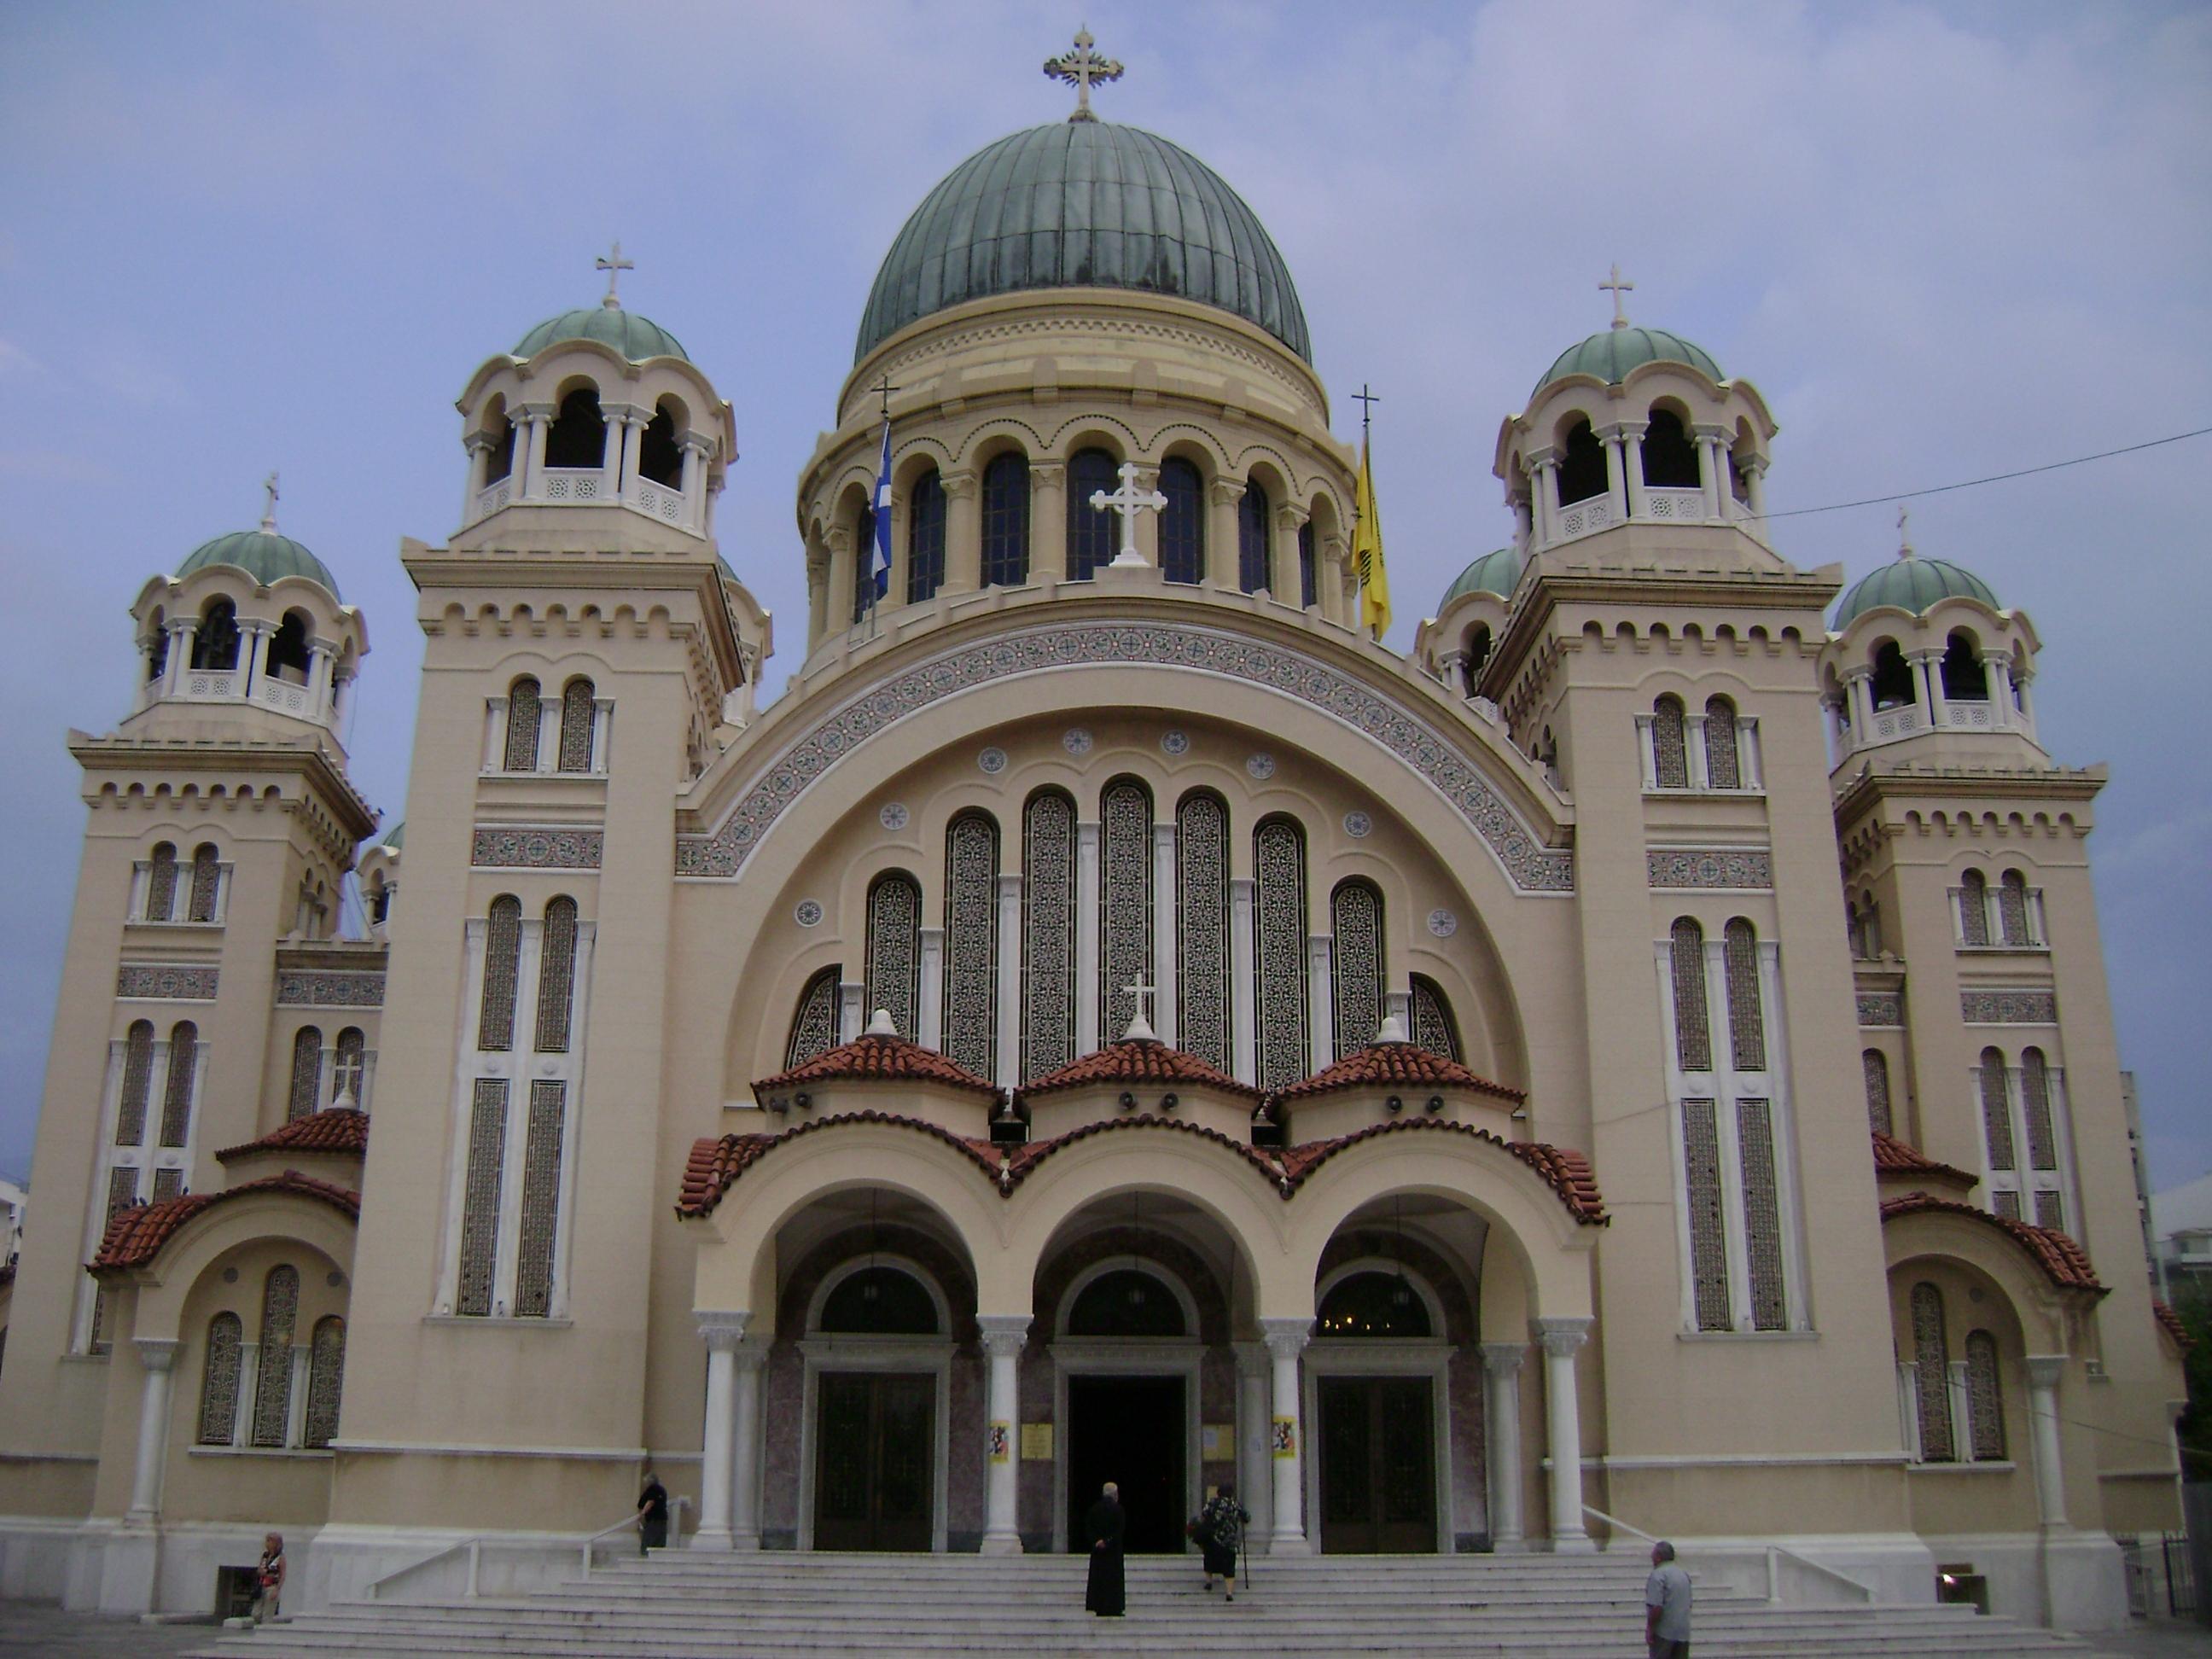 patras_cathedral_2